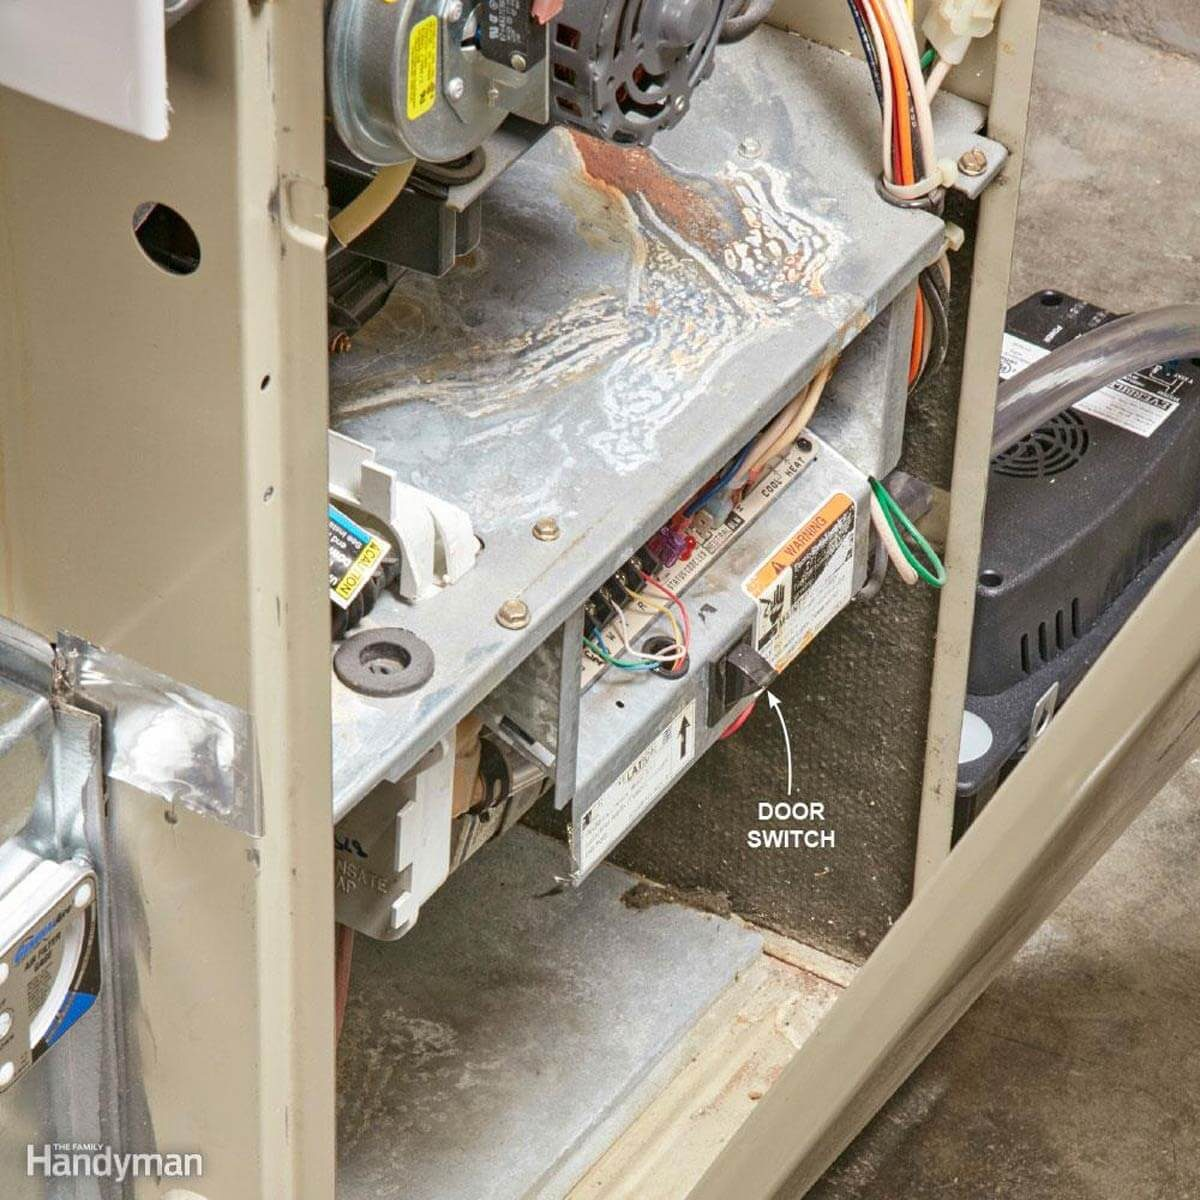 Furnace door switch